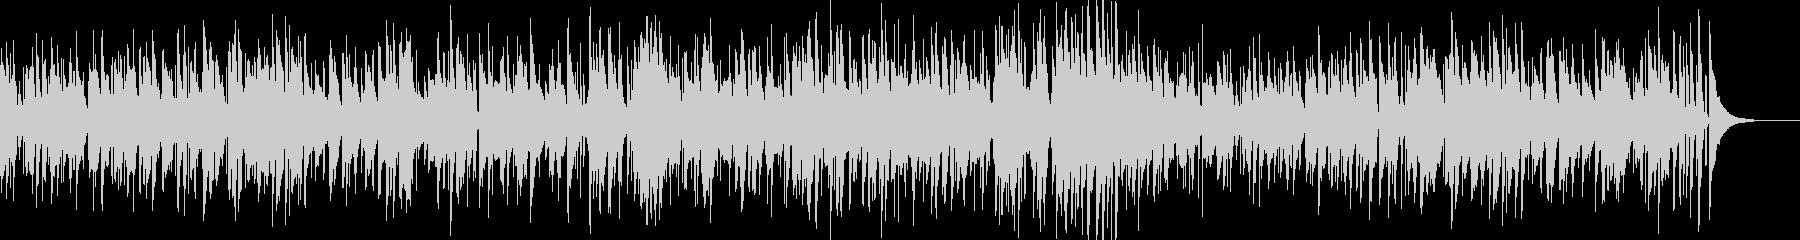 お洒落なジャズピアノトリオ11の未再生の波形